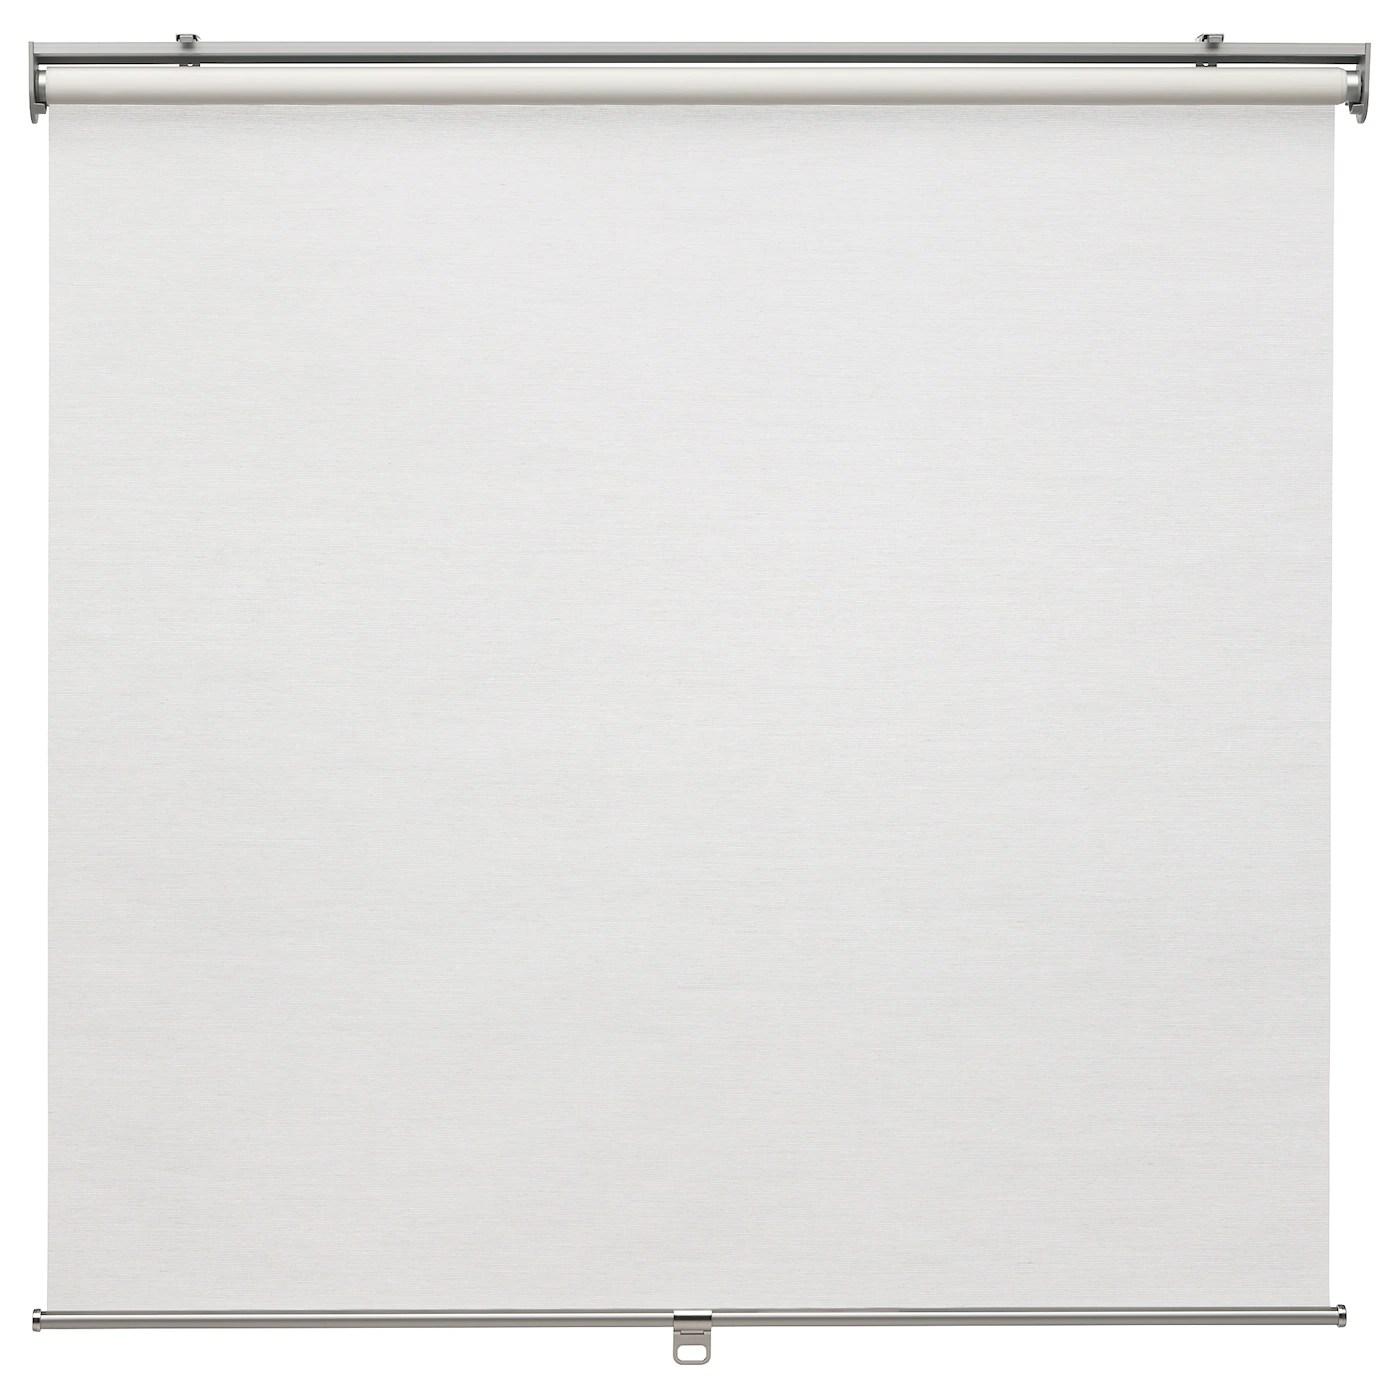 Il sistema presenta guide laterali che possono essere in alluminio o nylon trasparente, in modo tale che la tenda a rullo rimanga verticale e non sbatta contro le pareti in caso di forte vento. Skogsklover Tenda A Rullo Bianco 60x195 Cm Ikea It